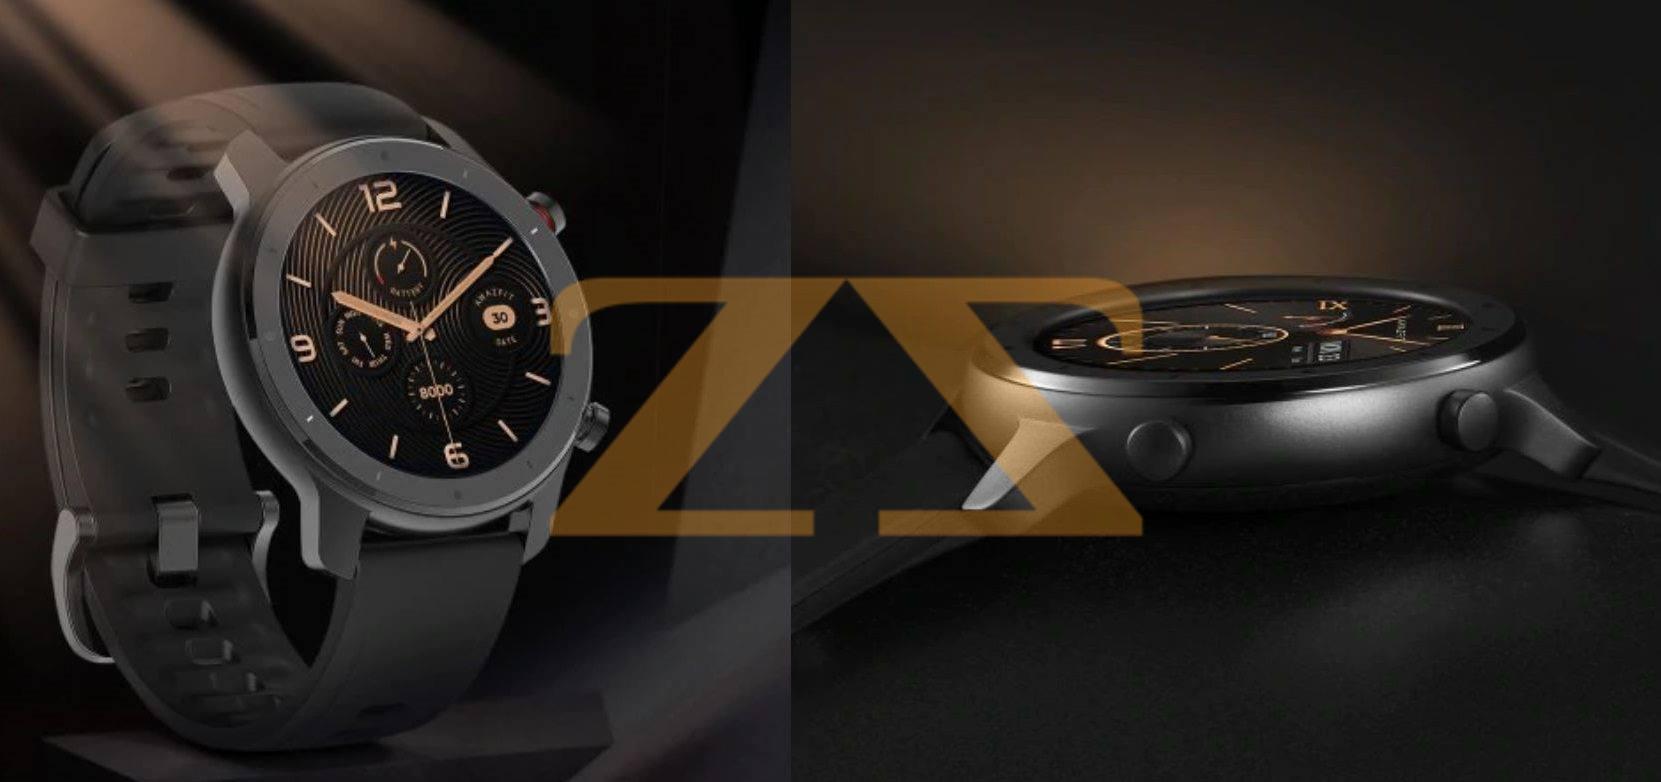 ساعة رياضية ذكية Amazfit GTR Lite